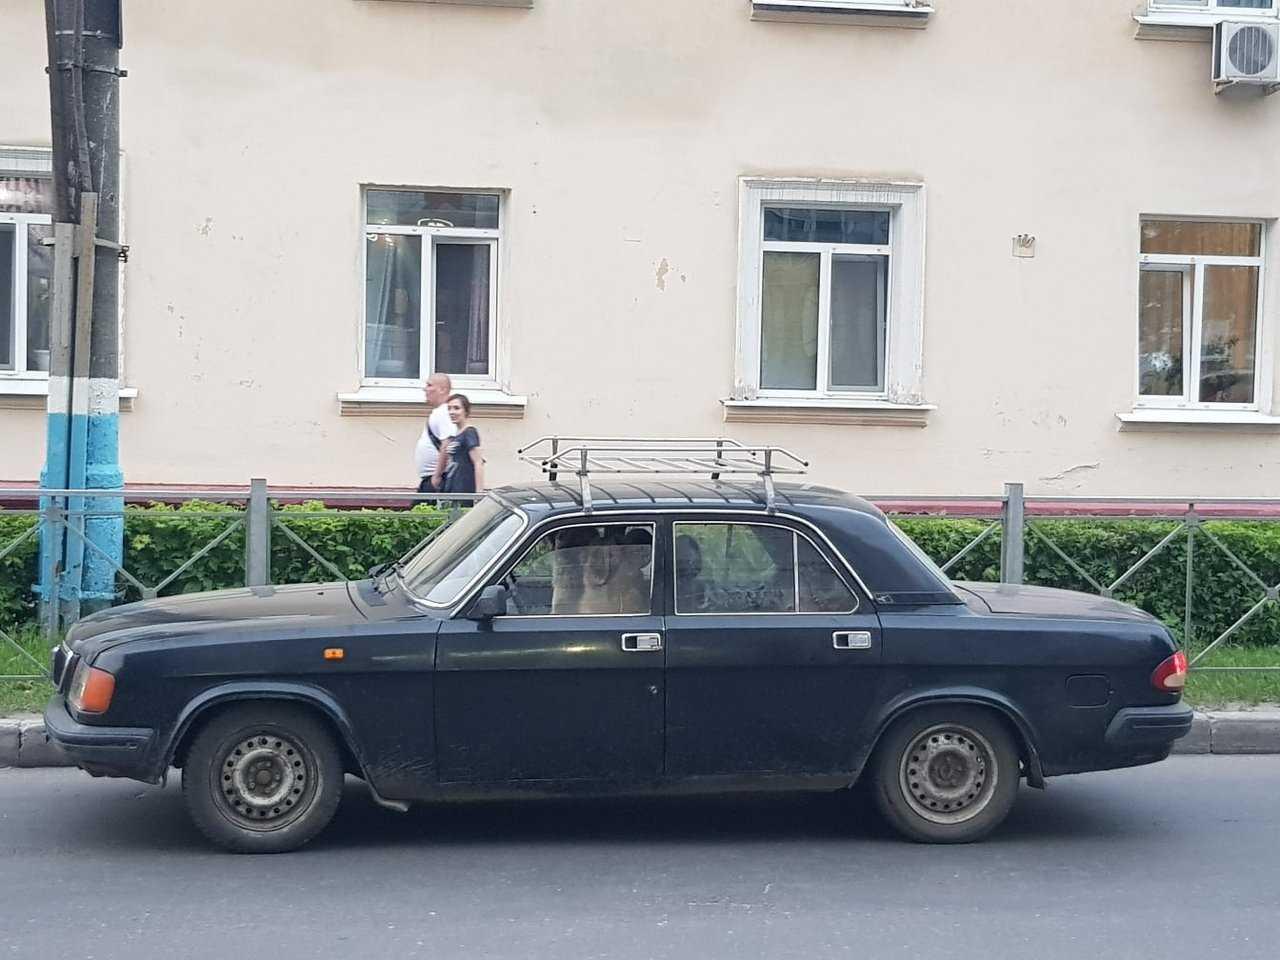 Жителей Брянска развеселила собака за рулём «Волги»